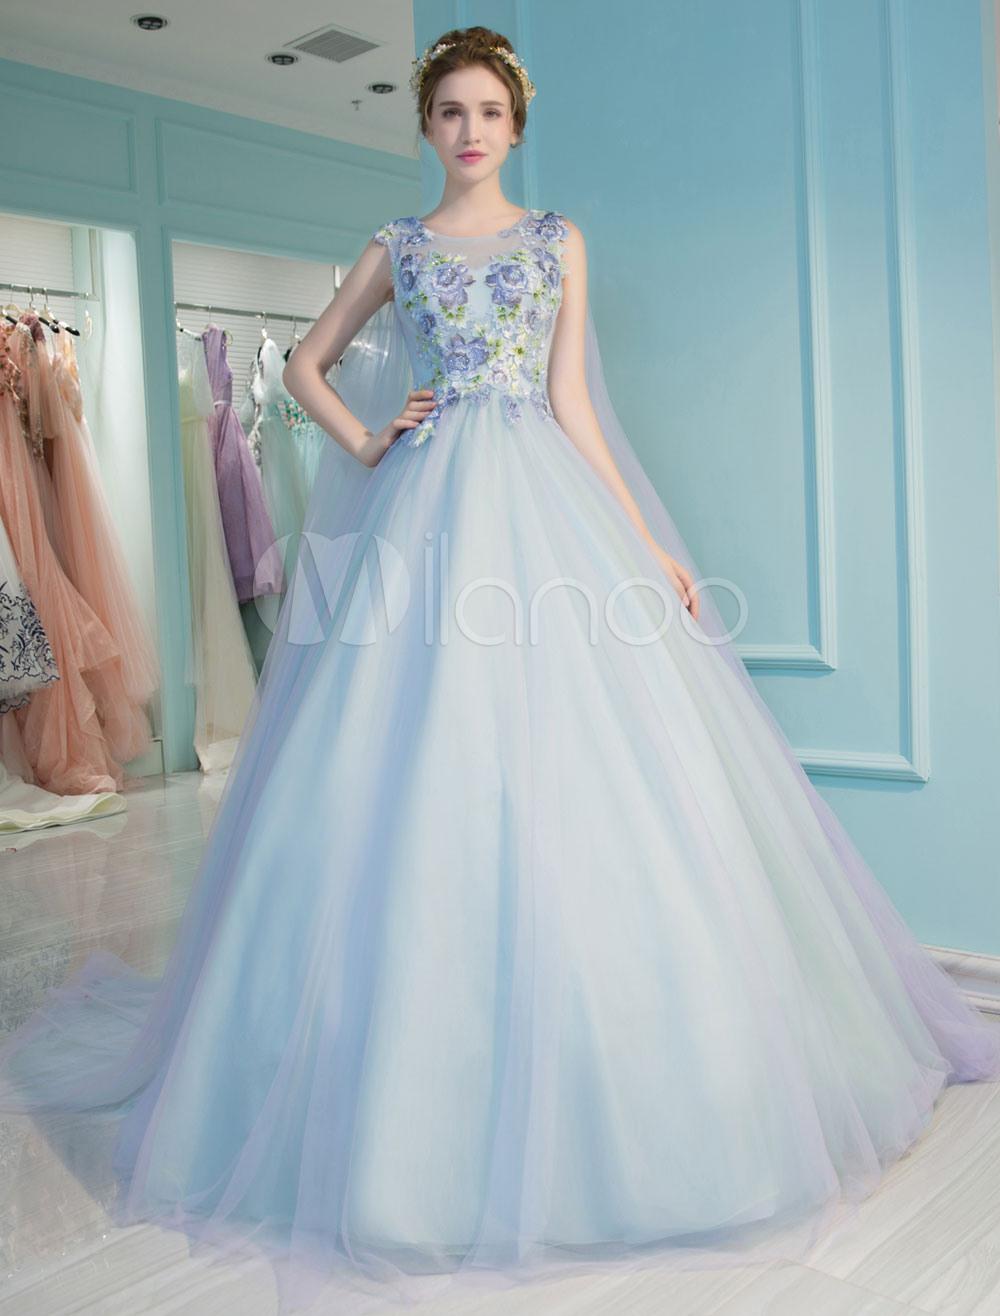 20 Erstaunlich Abendkleider Pastell für 2019Designer Schön Abendkleider Pastell Vertrieb